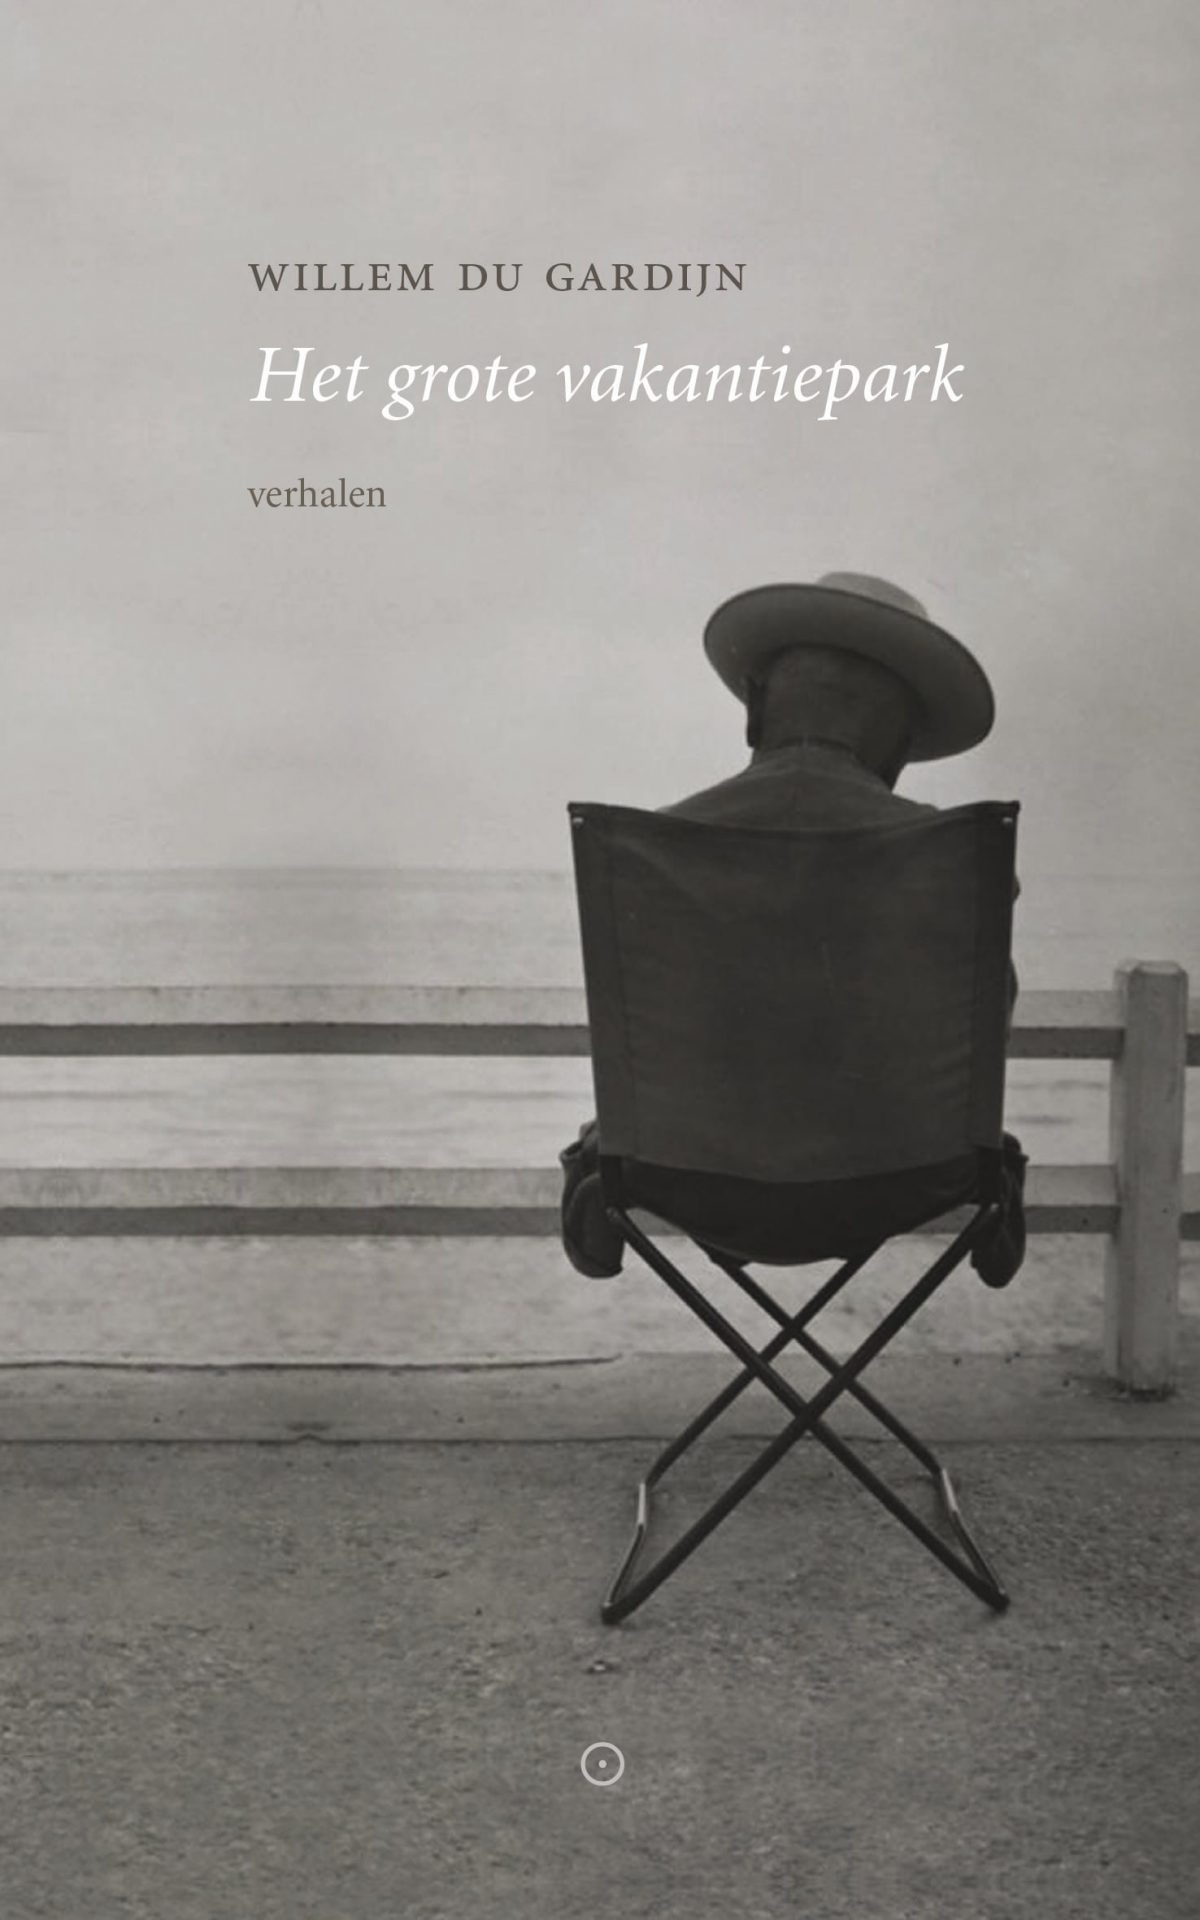 Het grote vakantiepark – Willem du Gardijn